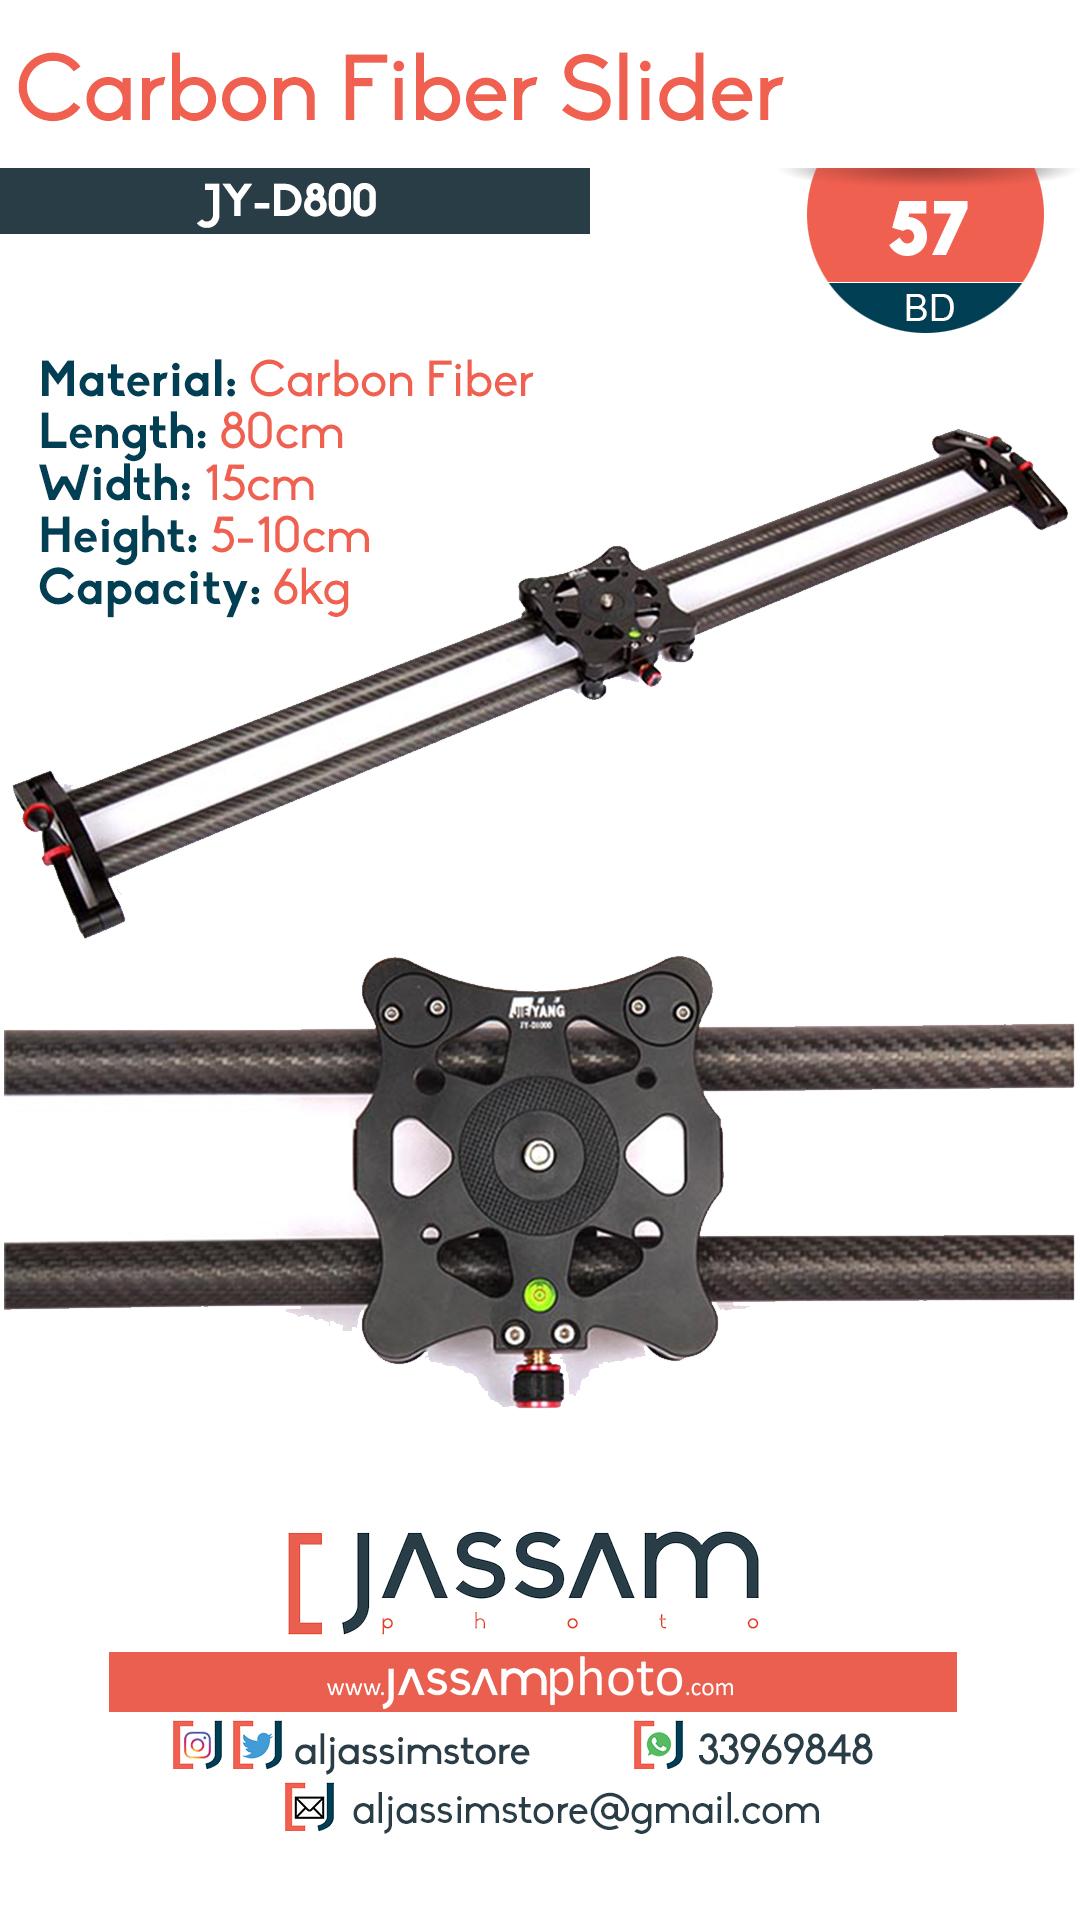 Carbon Fiber Slider JY-D800